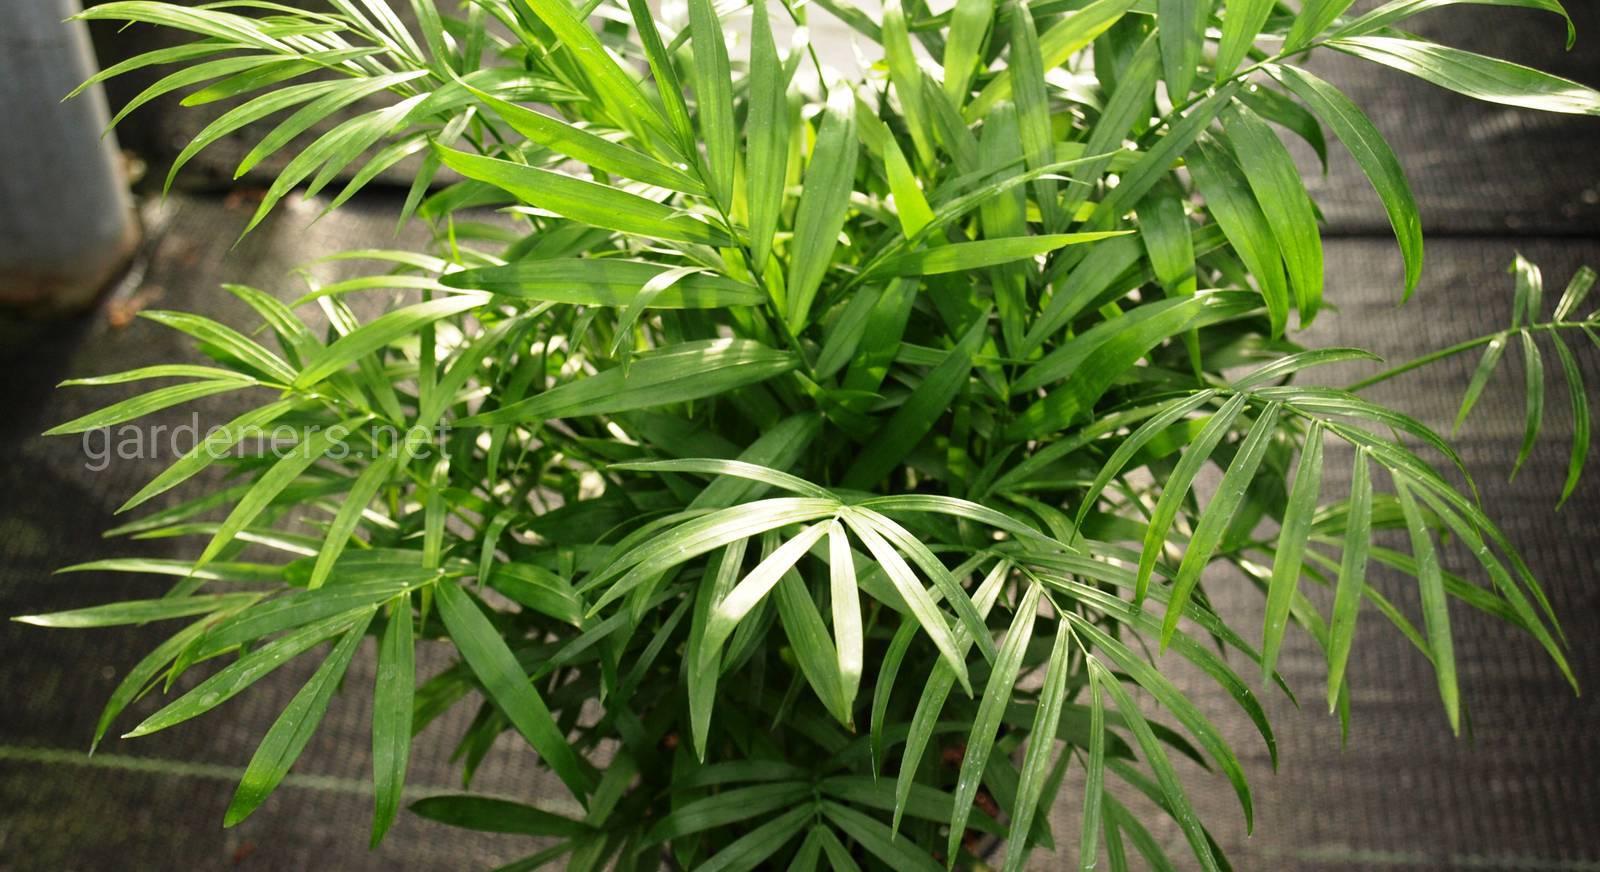 Пальма хамедорея посадка и уход в домашних условиях пересадка и размножение почему сохнет